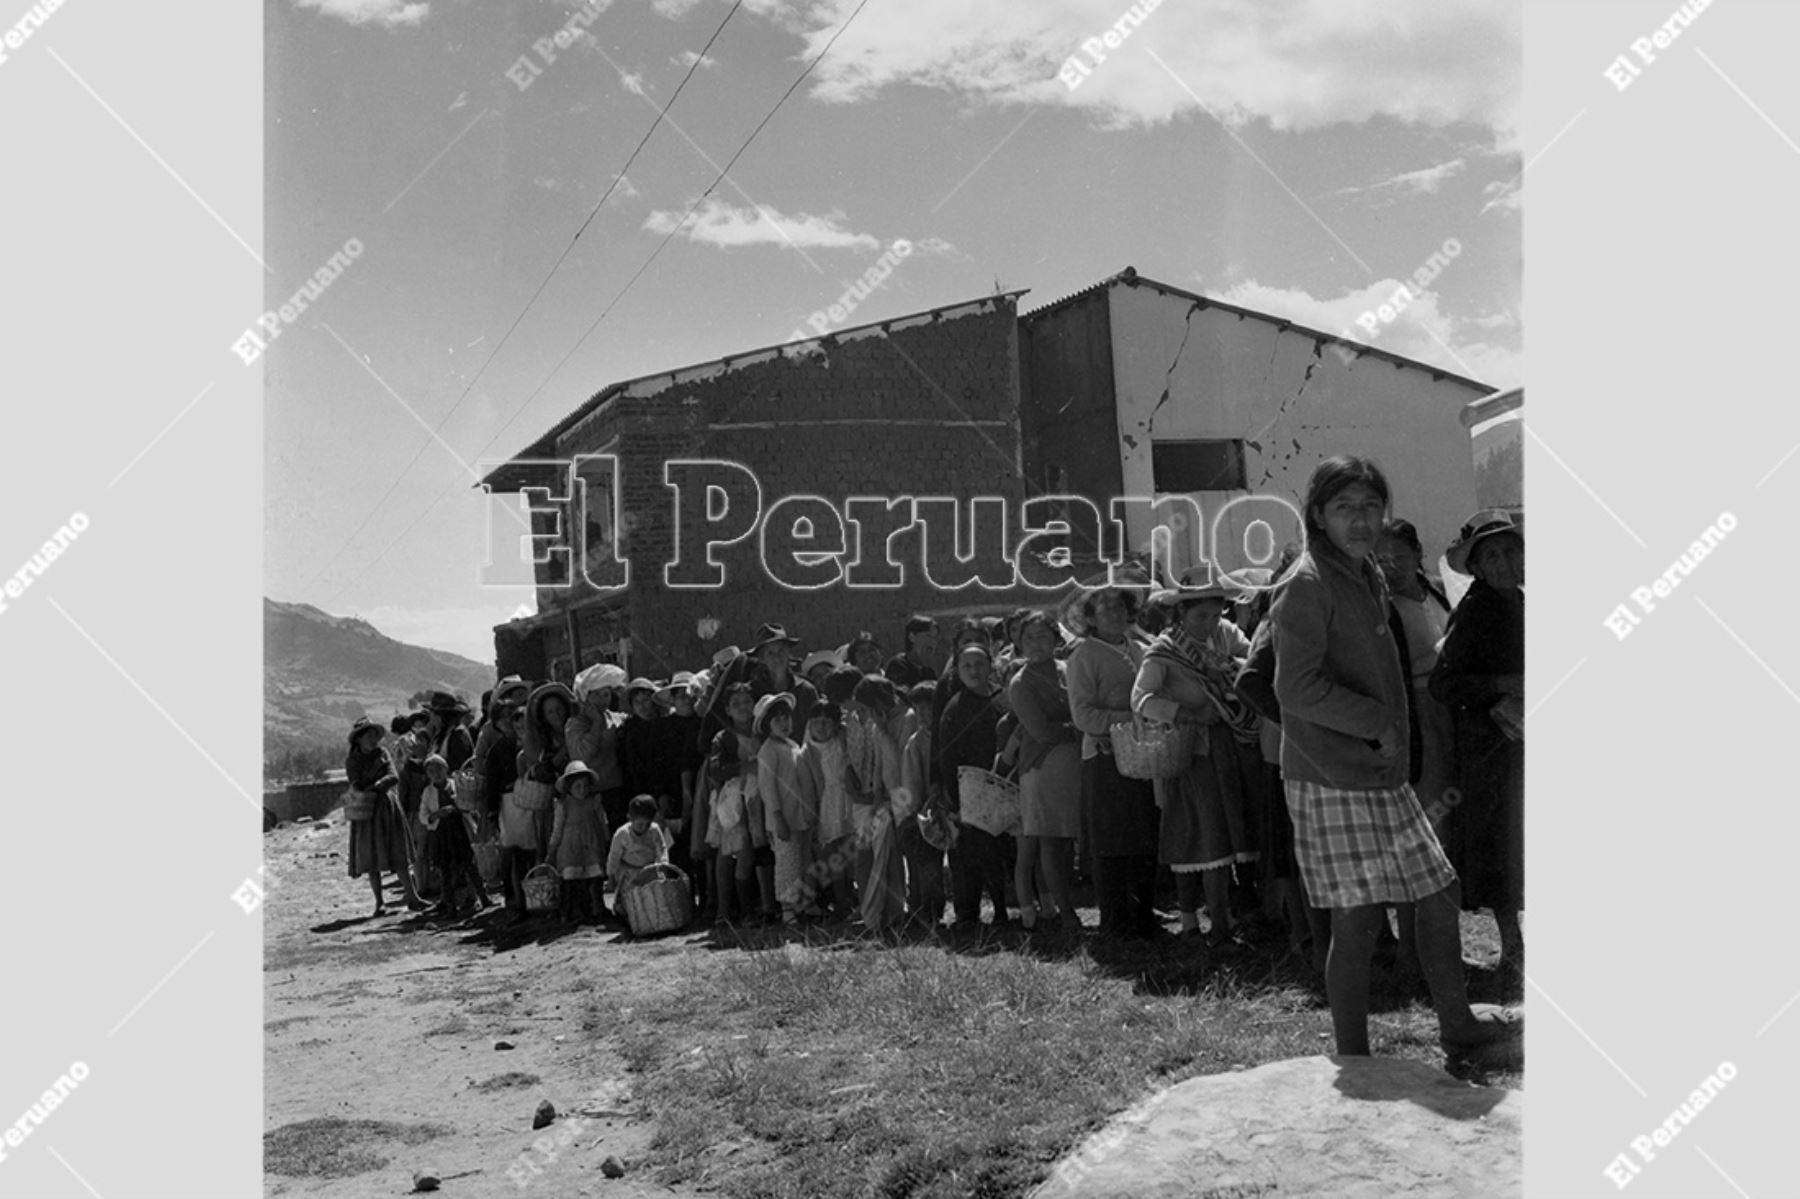 Ancash - 1 junio 1970 / Terremoto de Yungay. Decenas de mujeres y niños damnificados forman colas para recibir ayuda humanitaria.  Foto: Archivo Histórico de El Peruano